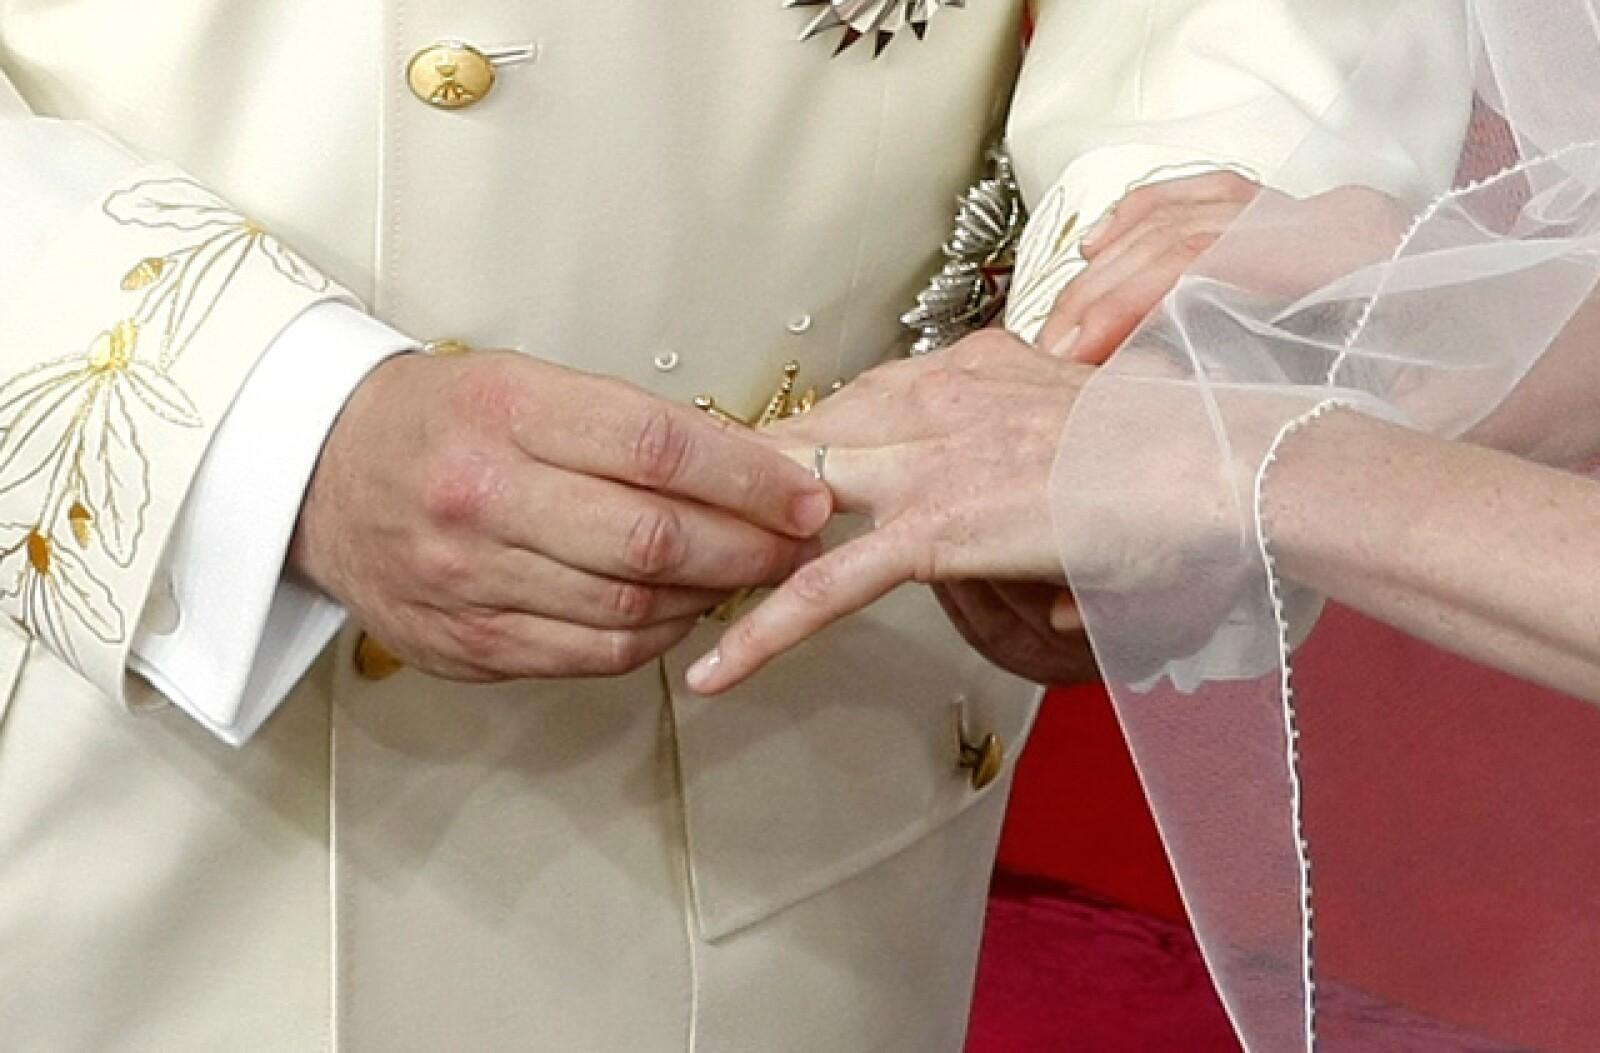 Como muestra de amor y fidelidad, la pareja se coloca sus argollas de matrimonio.